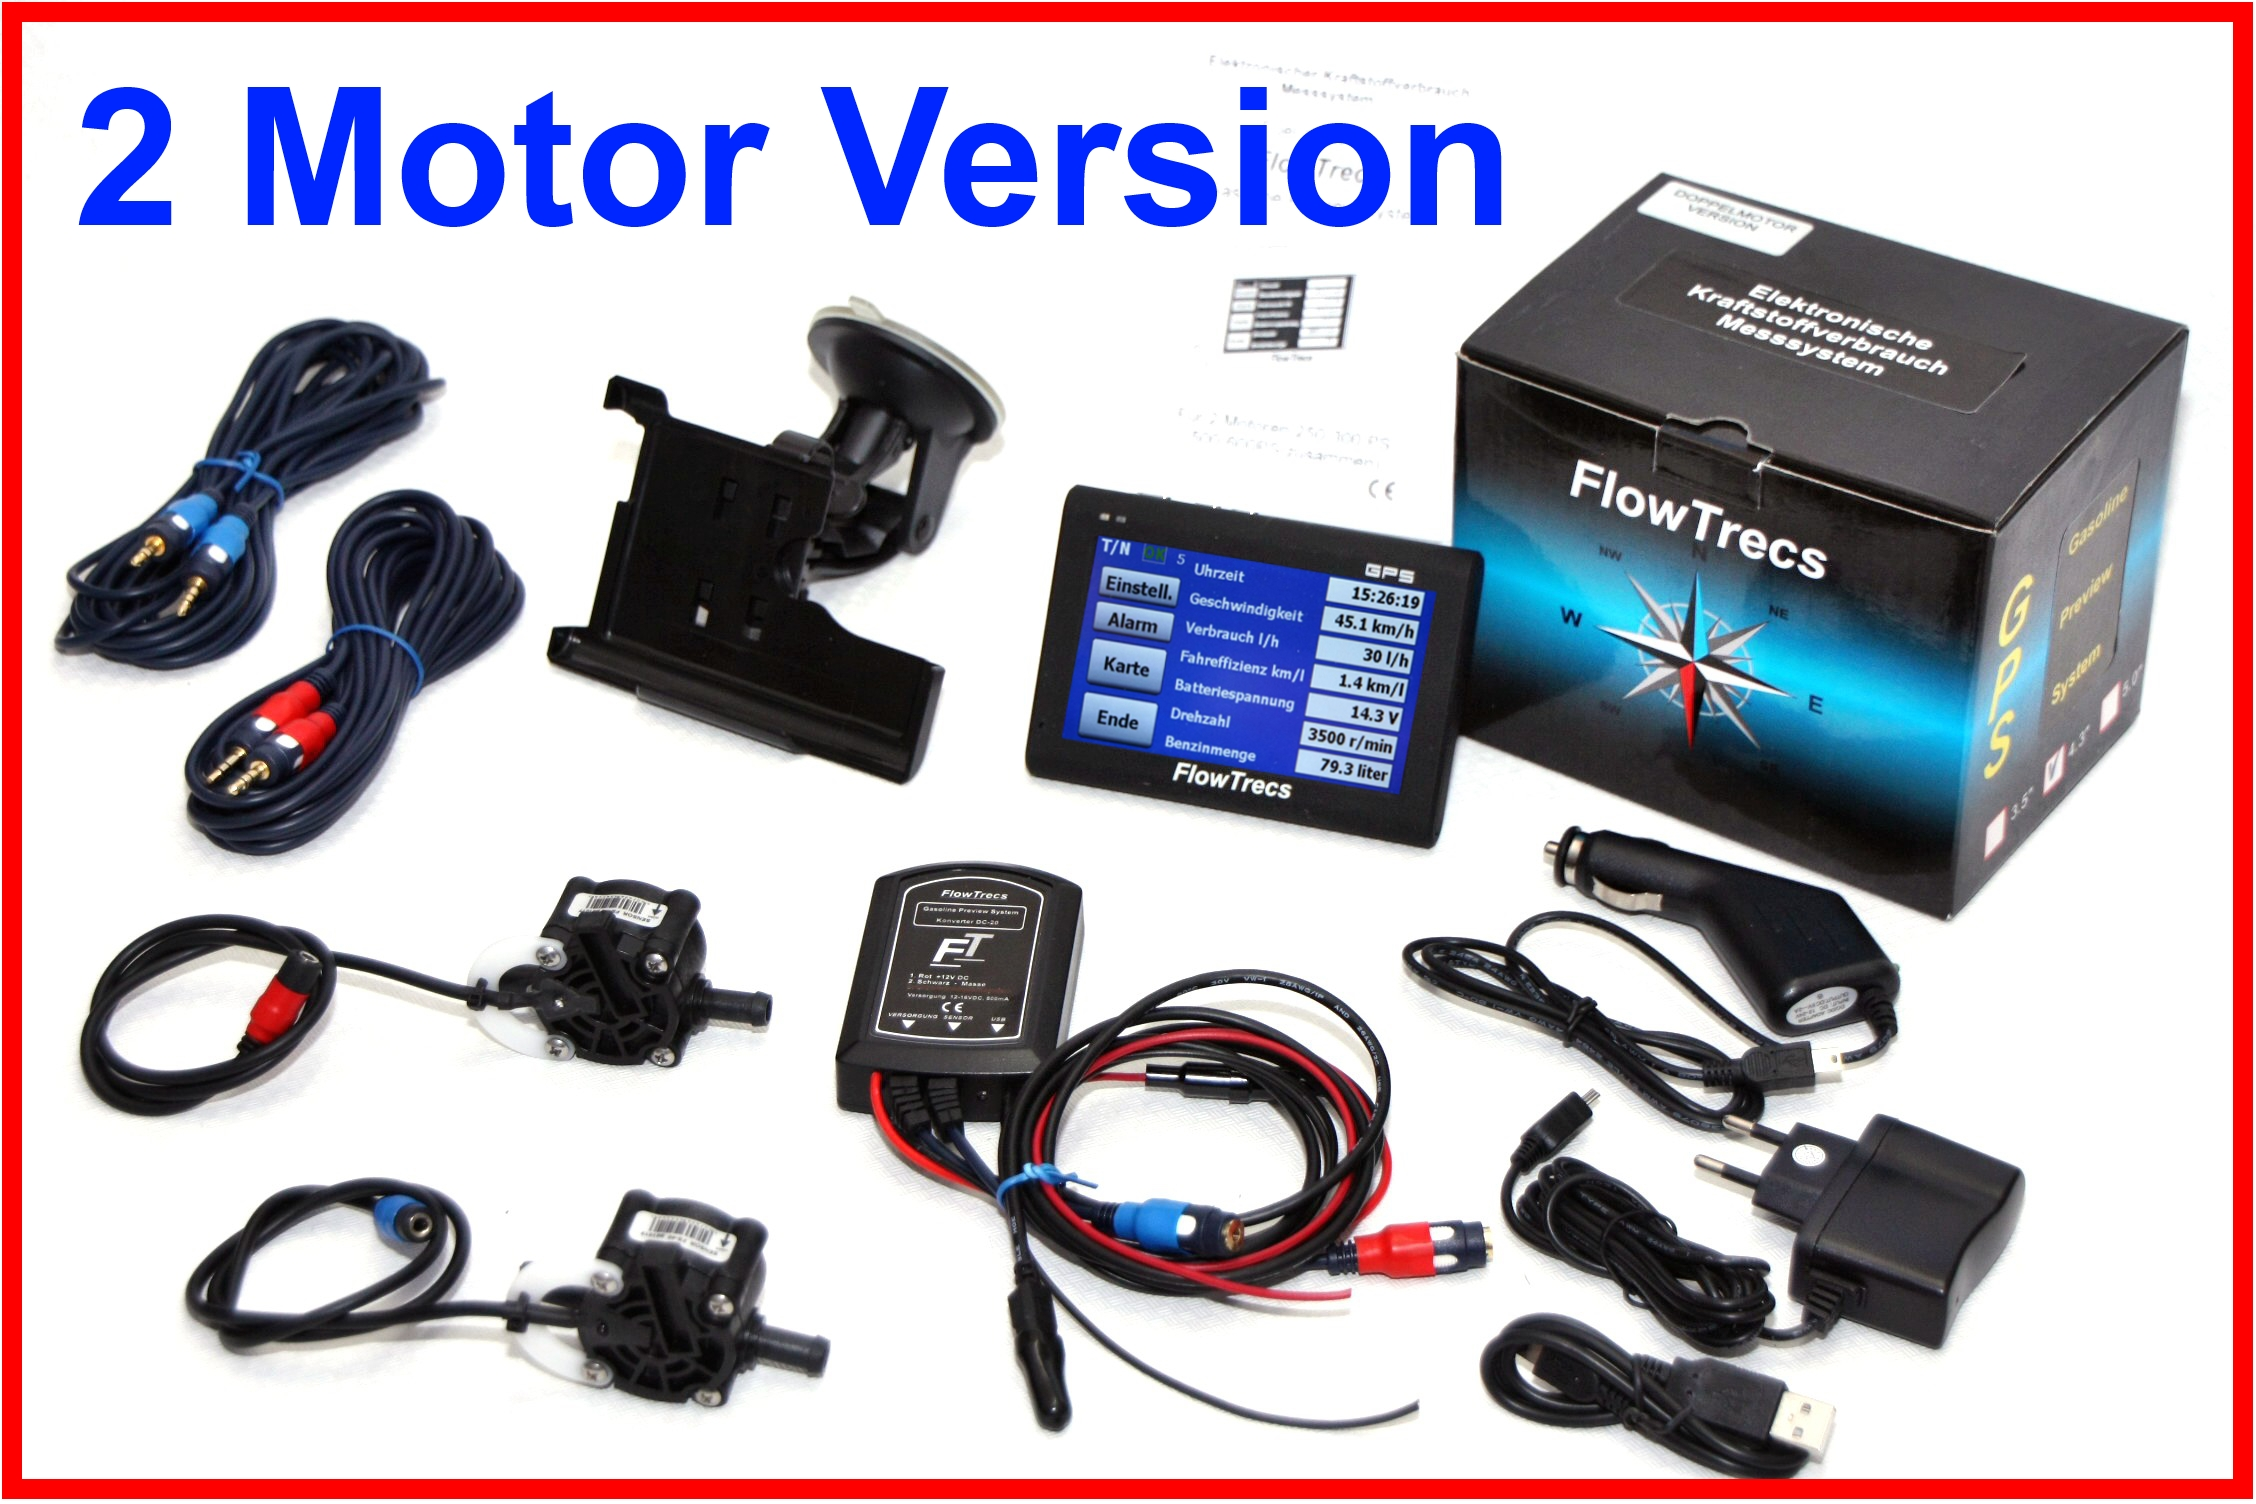 Flowtrecs Verbrauchsanzeige für Motorboot Sportboot Aussenborder Innenborder GPS für 2 Motoren